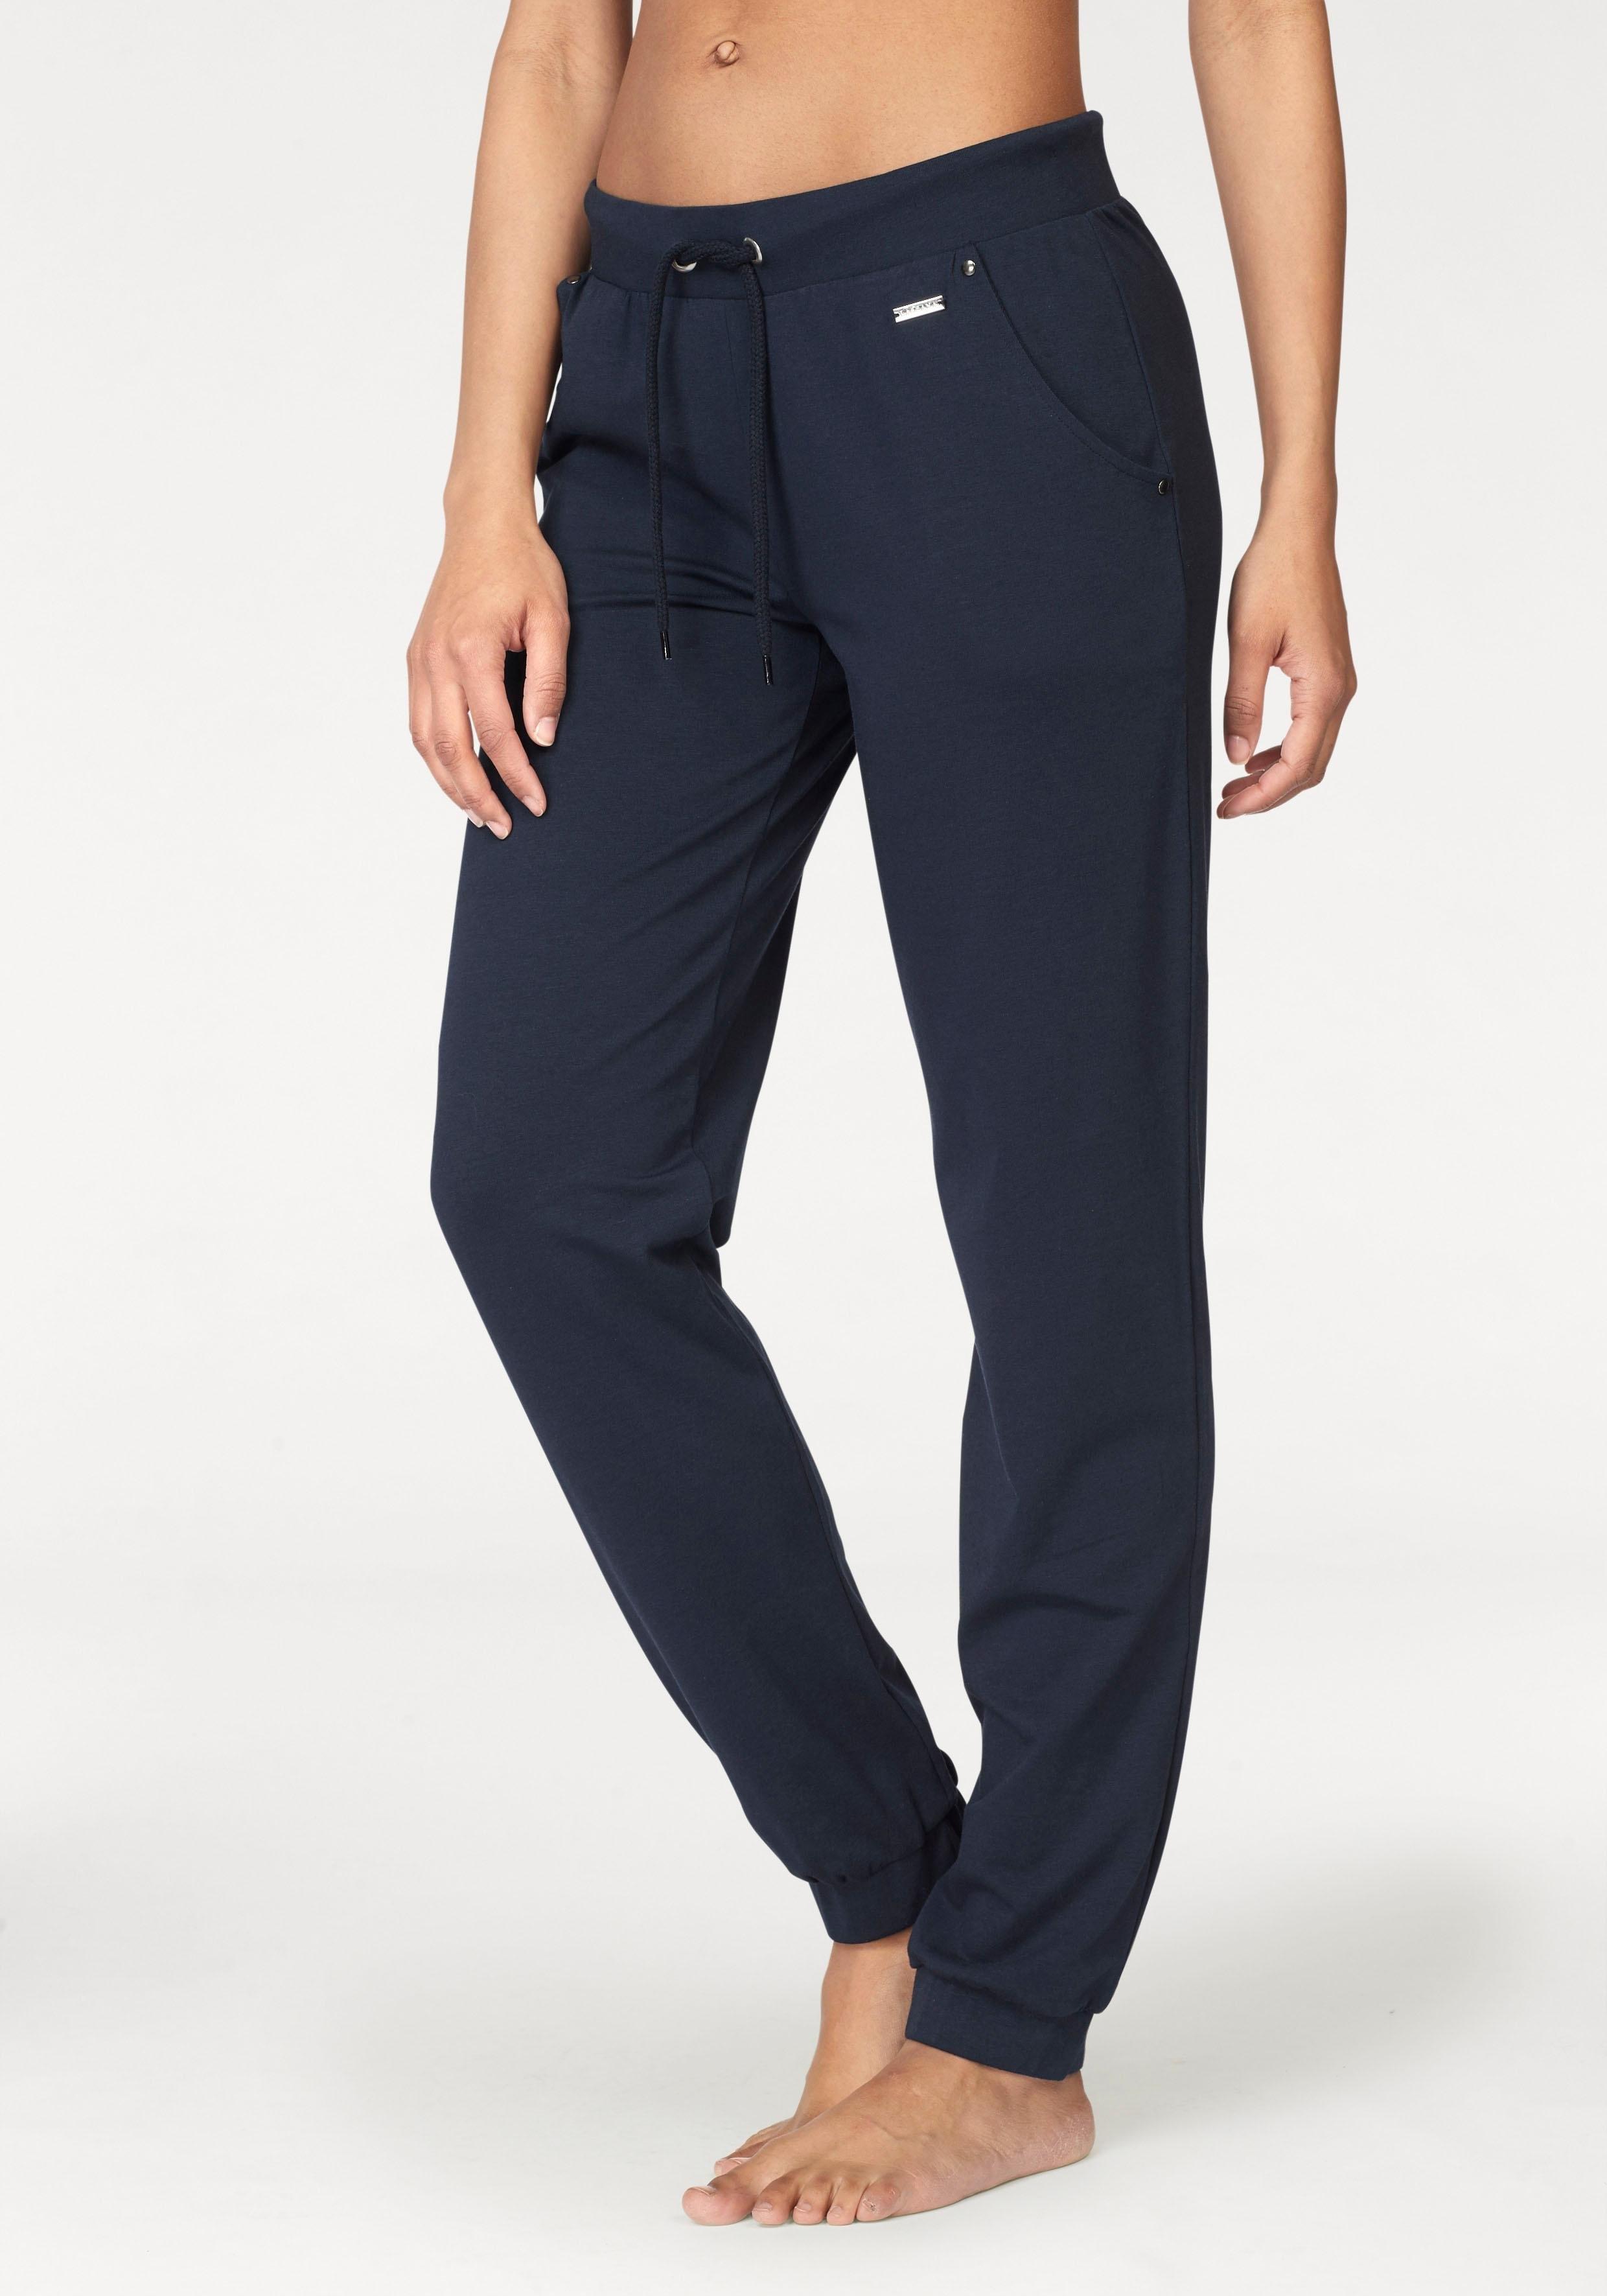 LASCANA Pantalon détente LASCANA avec poches en biais sur les côtés goedkoop op lascana.nl kopen